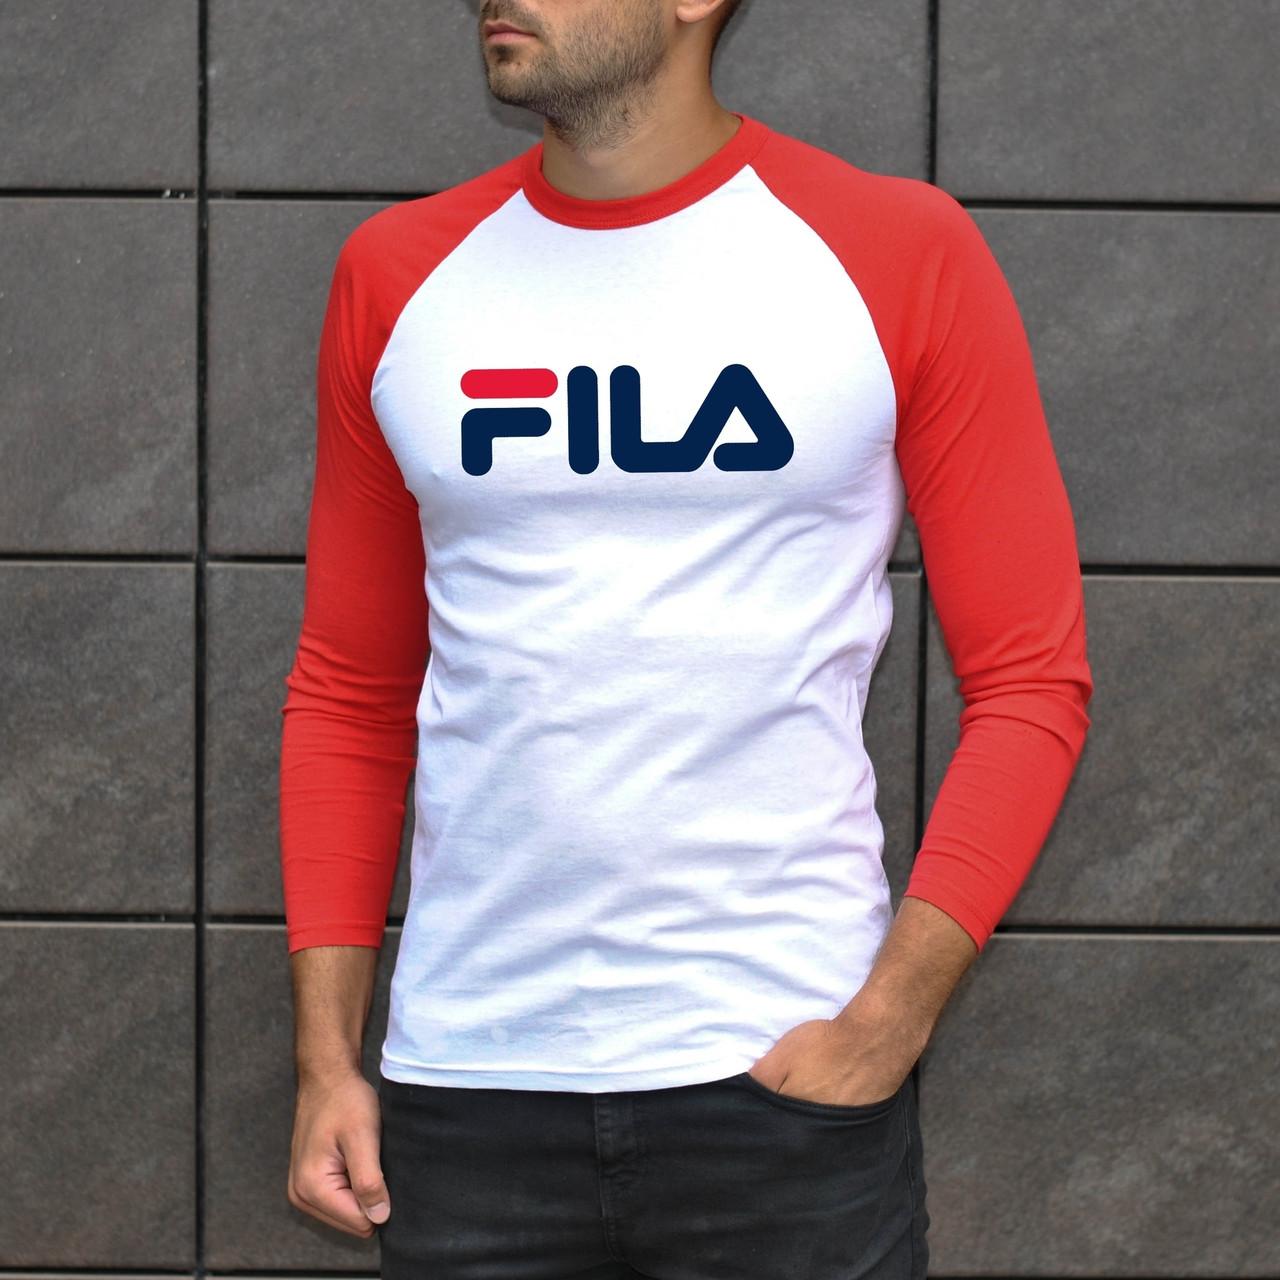 Футболка мужская - Джерси трикотаж (рукав 3/4) в стиле Fila белый-красный